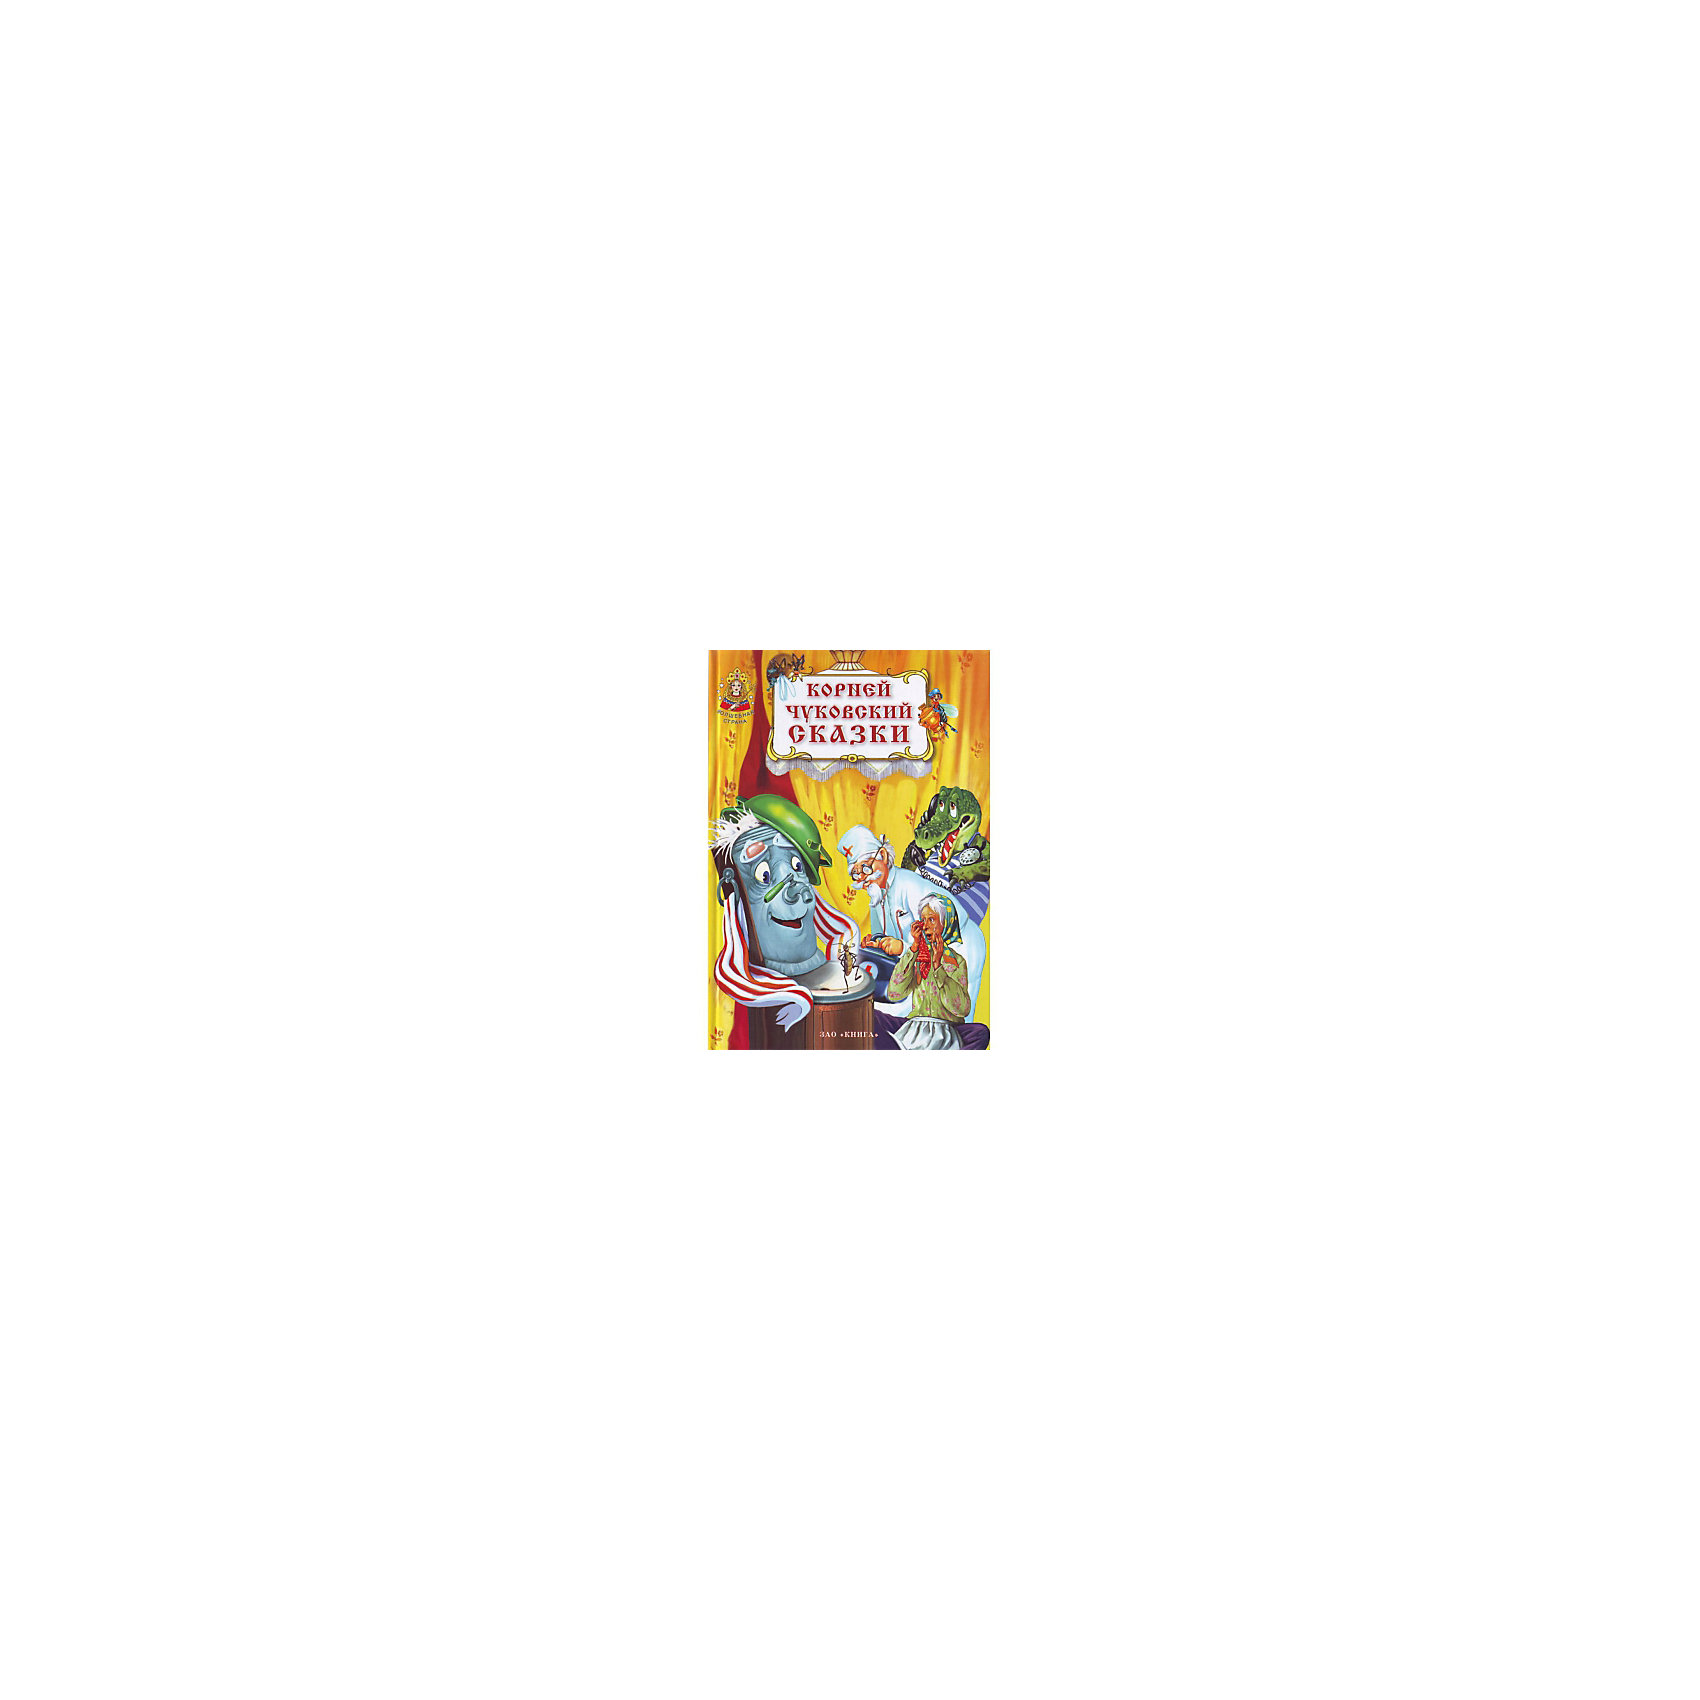 Сказки Чуковского: серия сказок Волшебная странаРусские сказки<br>Сборник сказок Корнея Чуковского. Для детей дошкольного и младшего школьного возраста.<br><br>Ширина мм: 245<br>Глубина мм: 170<br>Высота мм: 100<br>Вес г: 500<br>Возраст от месяцев: 36<br>Возраст до месяцев: 2147483647<br>Пол: Унисекс<br>Возраст: Детский<br>SKU: 5521182